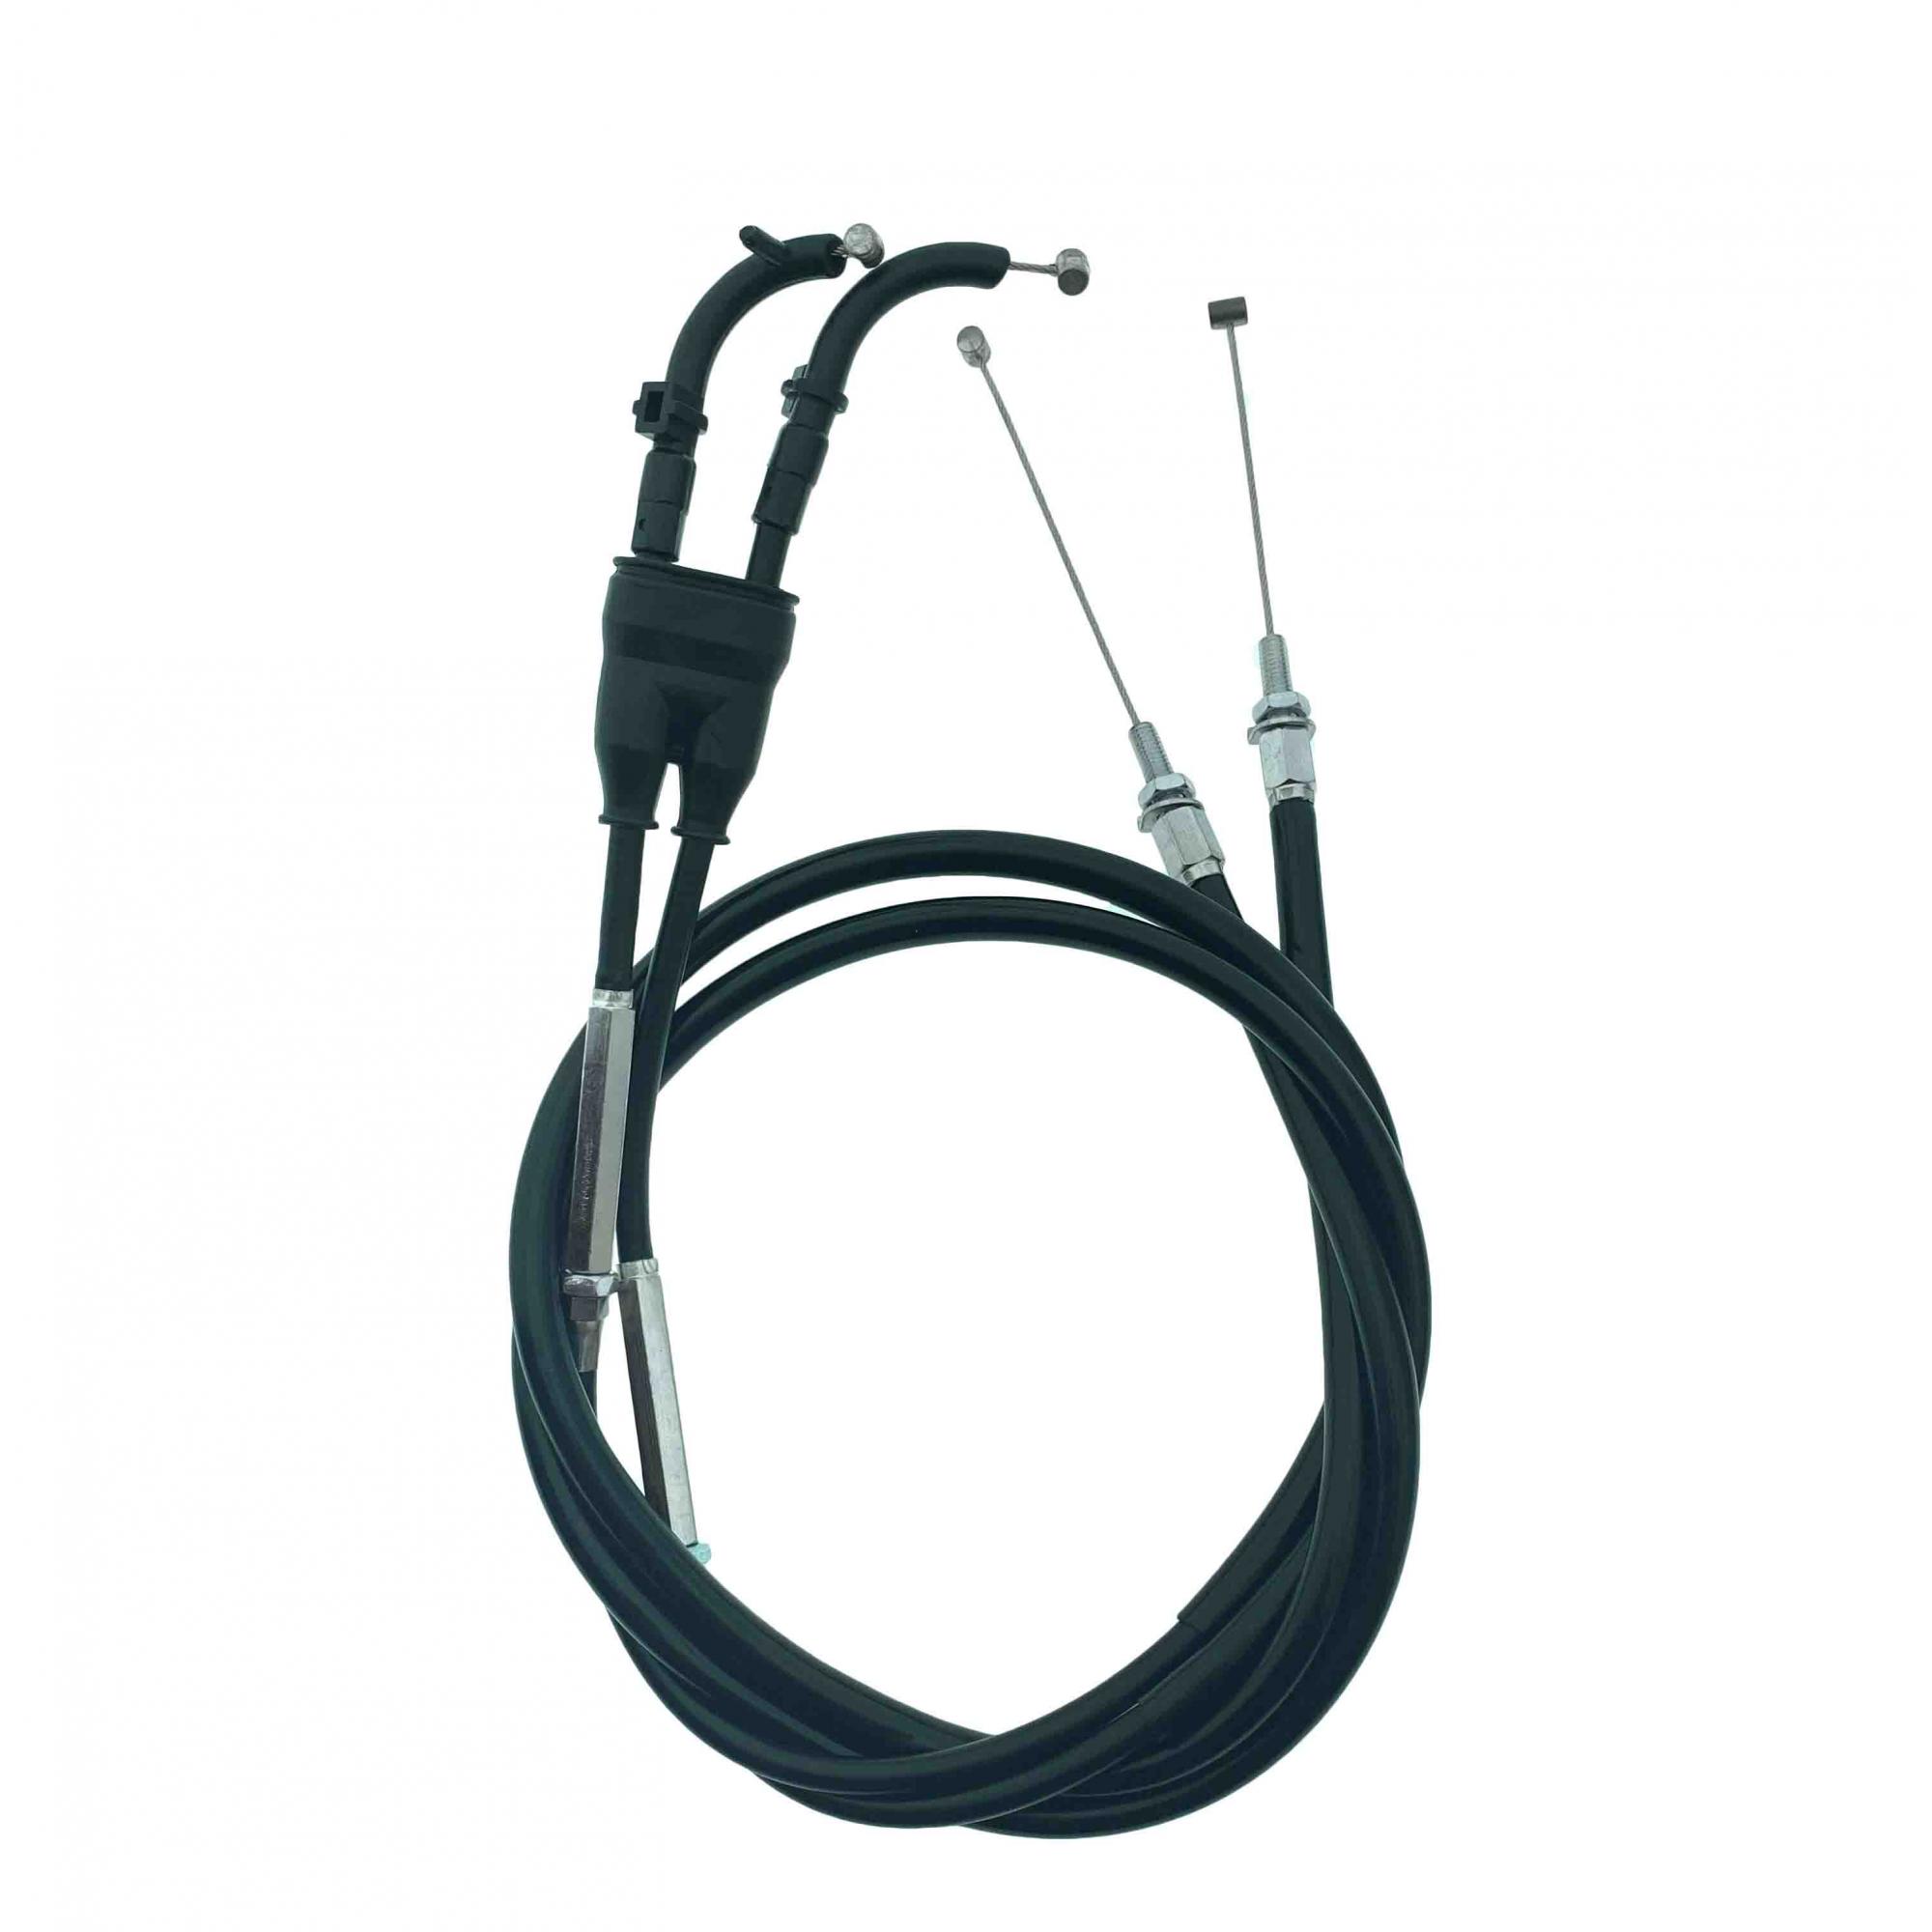 Cabo Acelerador Power Mx Kxf 250 11/16 Kxf 450 09/16